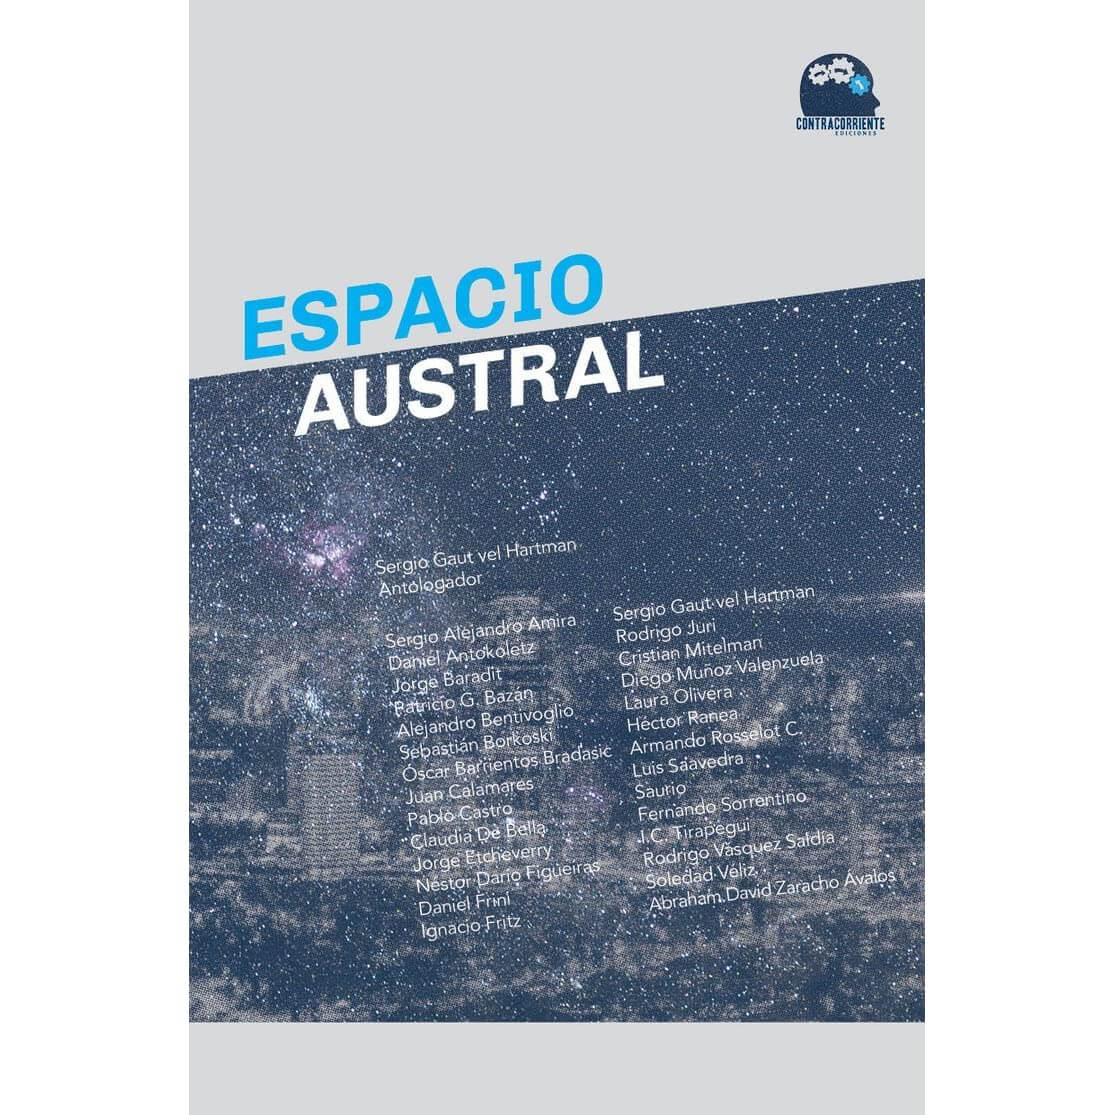 Espacio Austral